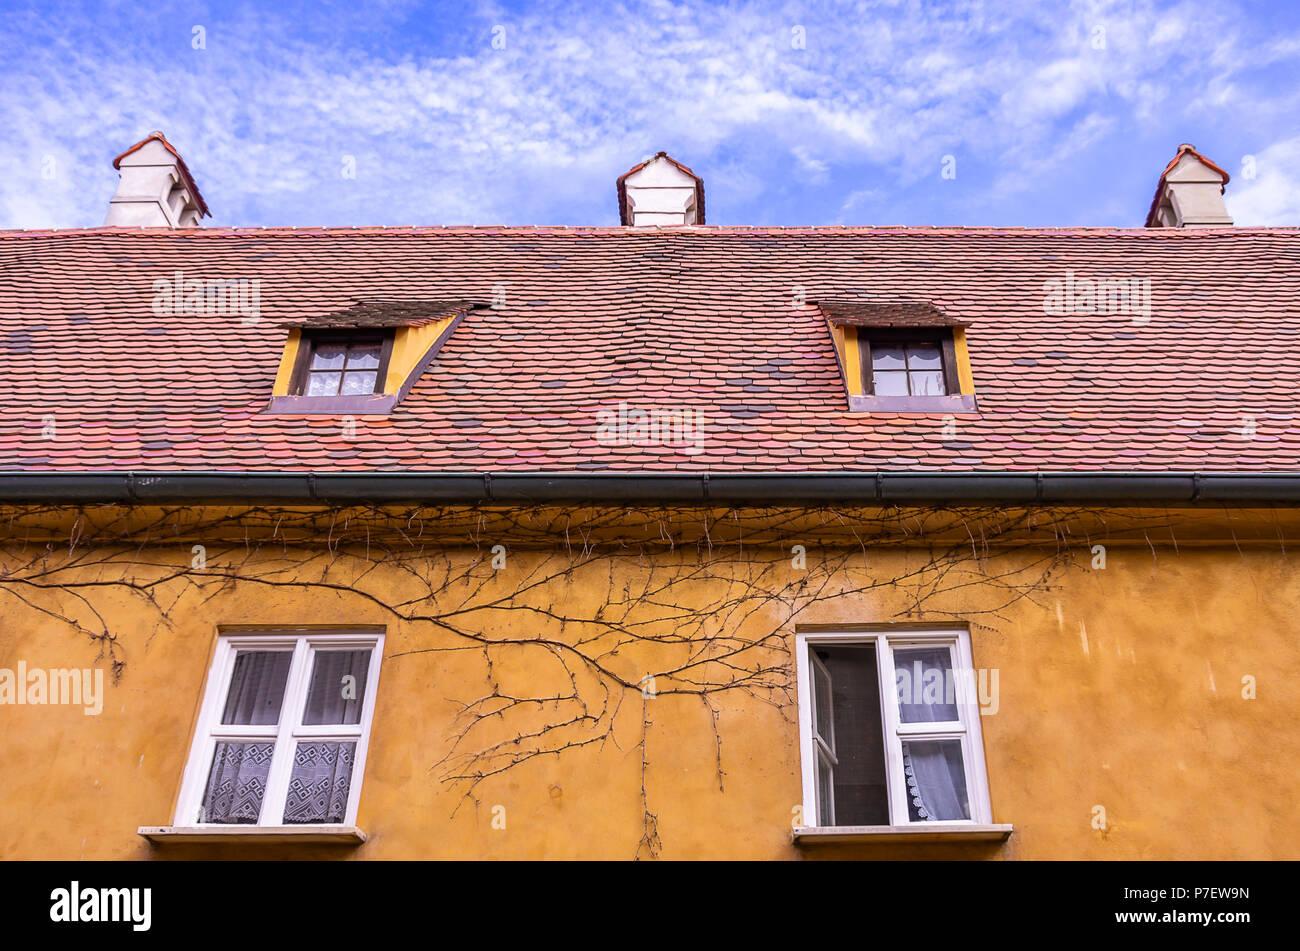 Augsburg, Bayern, Deutschland - 10. September 2015: Typische Obergeschoss Fassade und das Dach eines der armenhäusern in der Fuggerei sozialen Wohnungsbau. Stockfoto